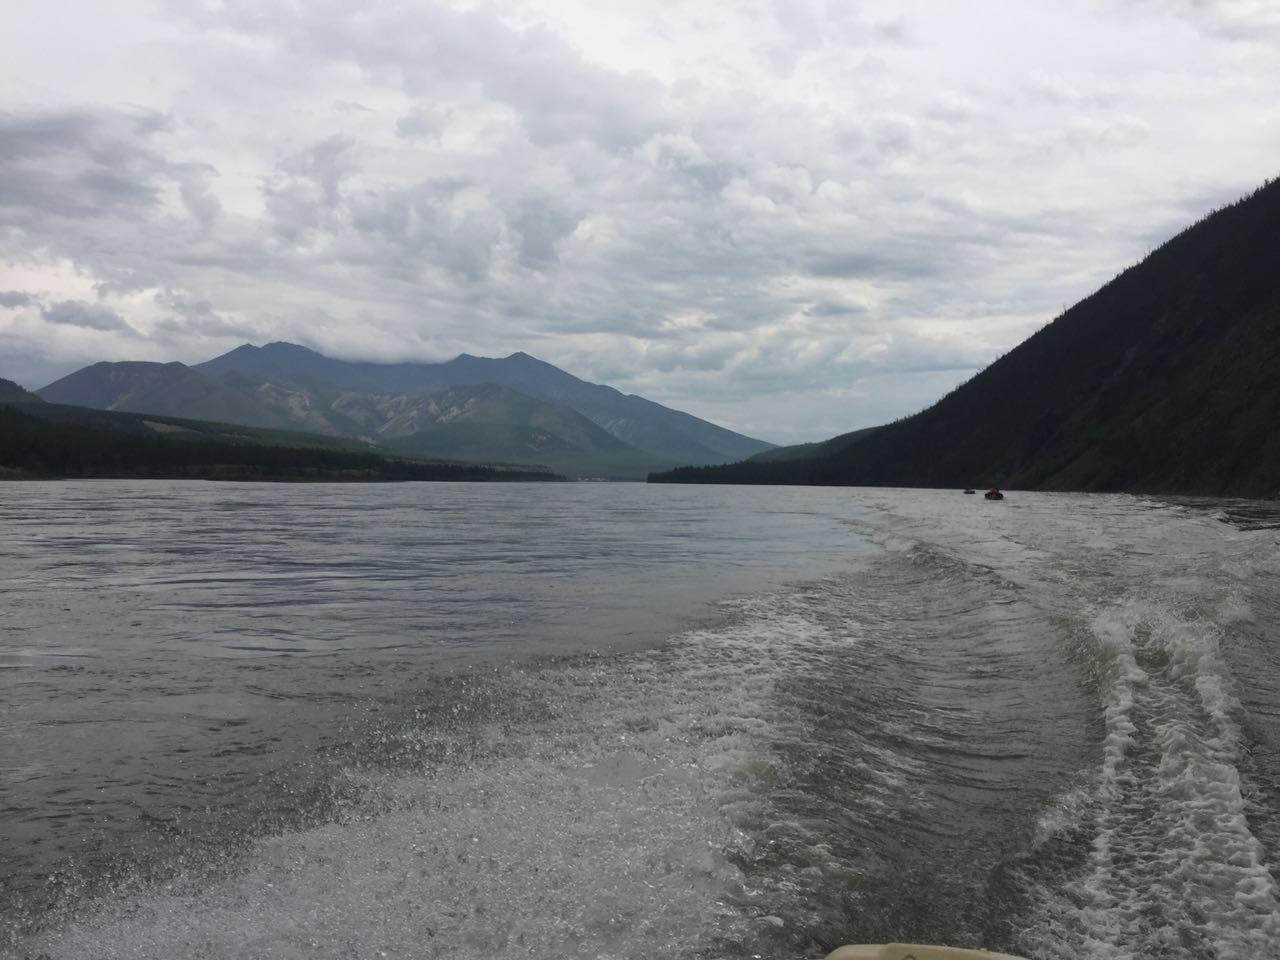 Чистый ход по отличной воде.